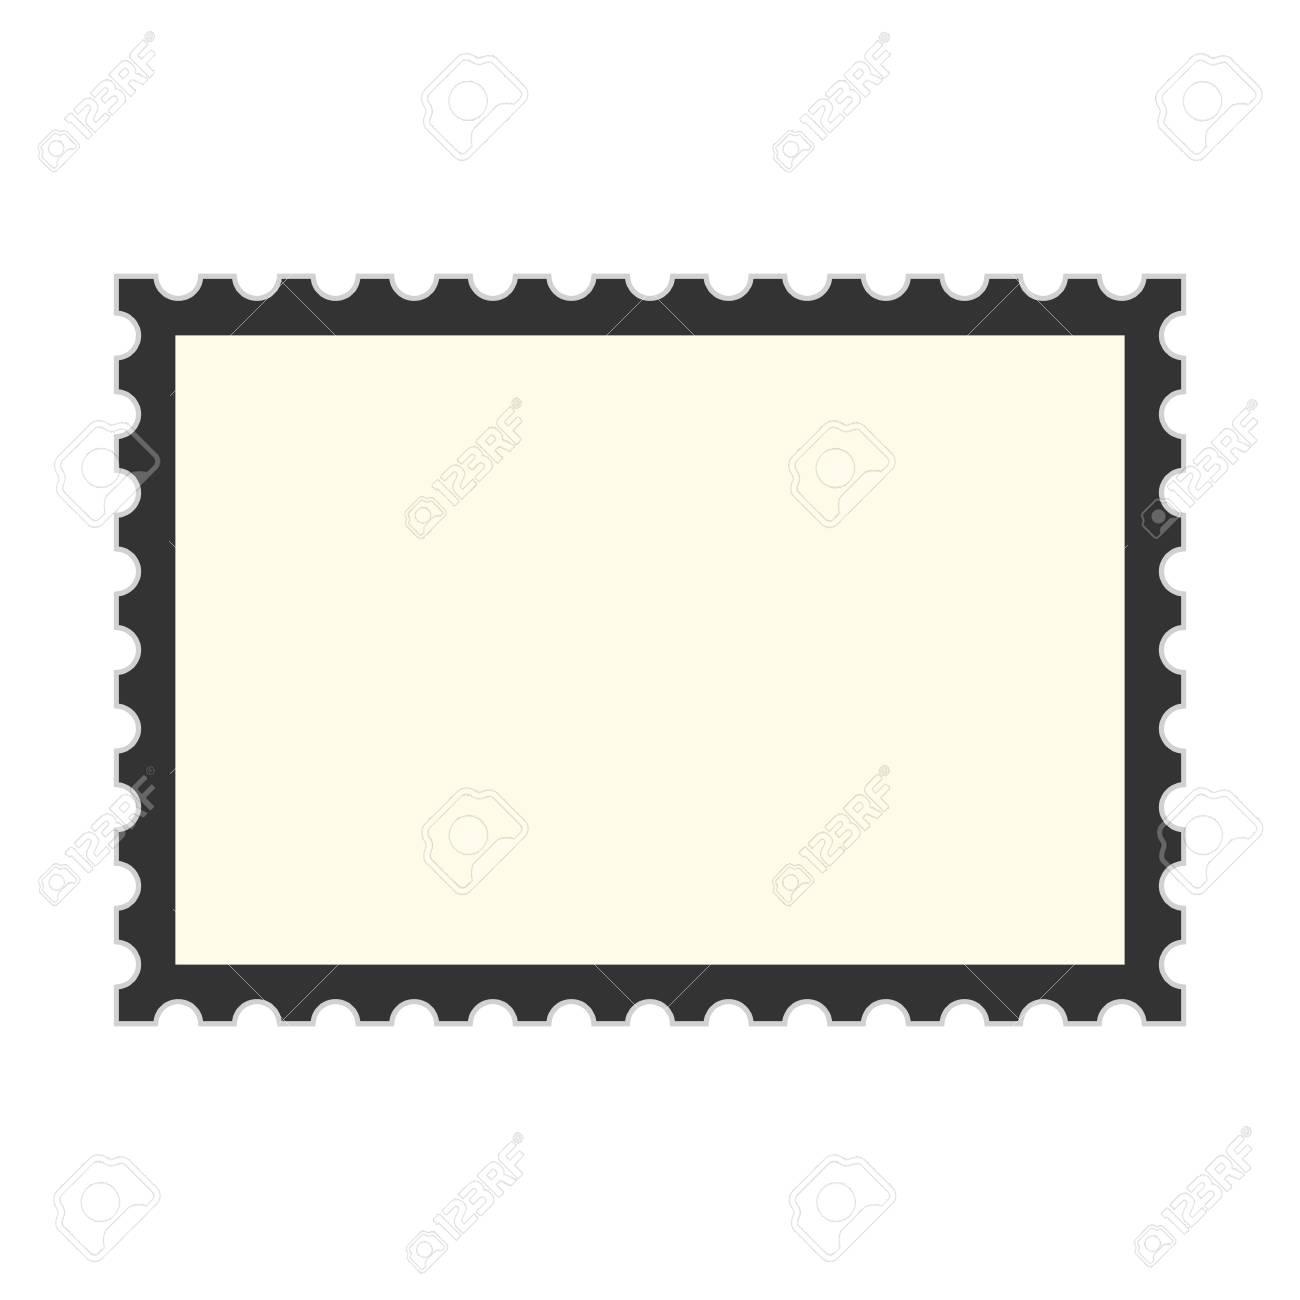 Delightful Black Postage Stamp Template. Concept Of Message, Indentation, Cardboard,  Stationery, Poststamp